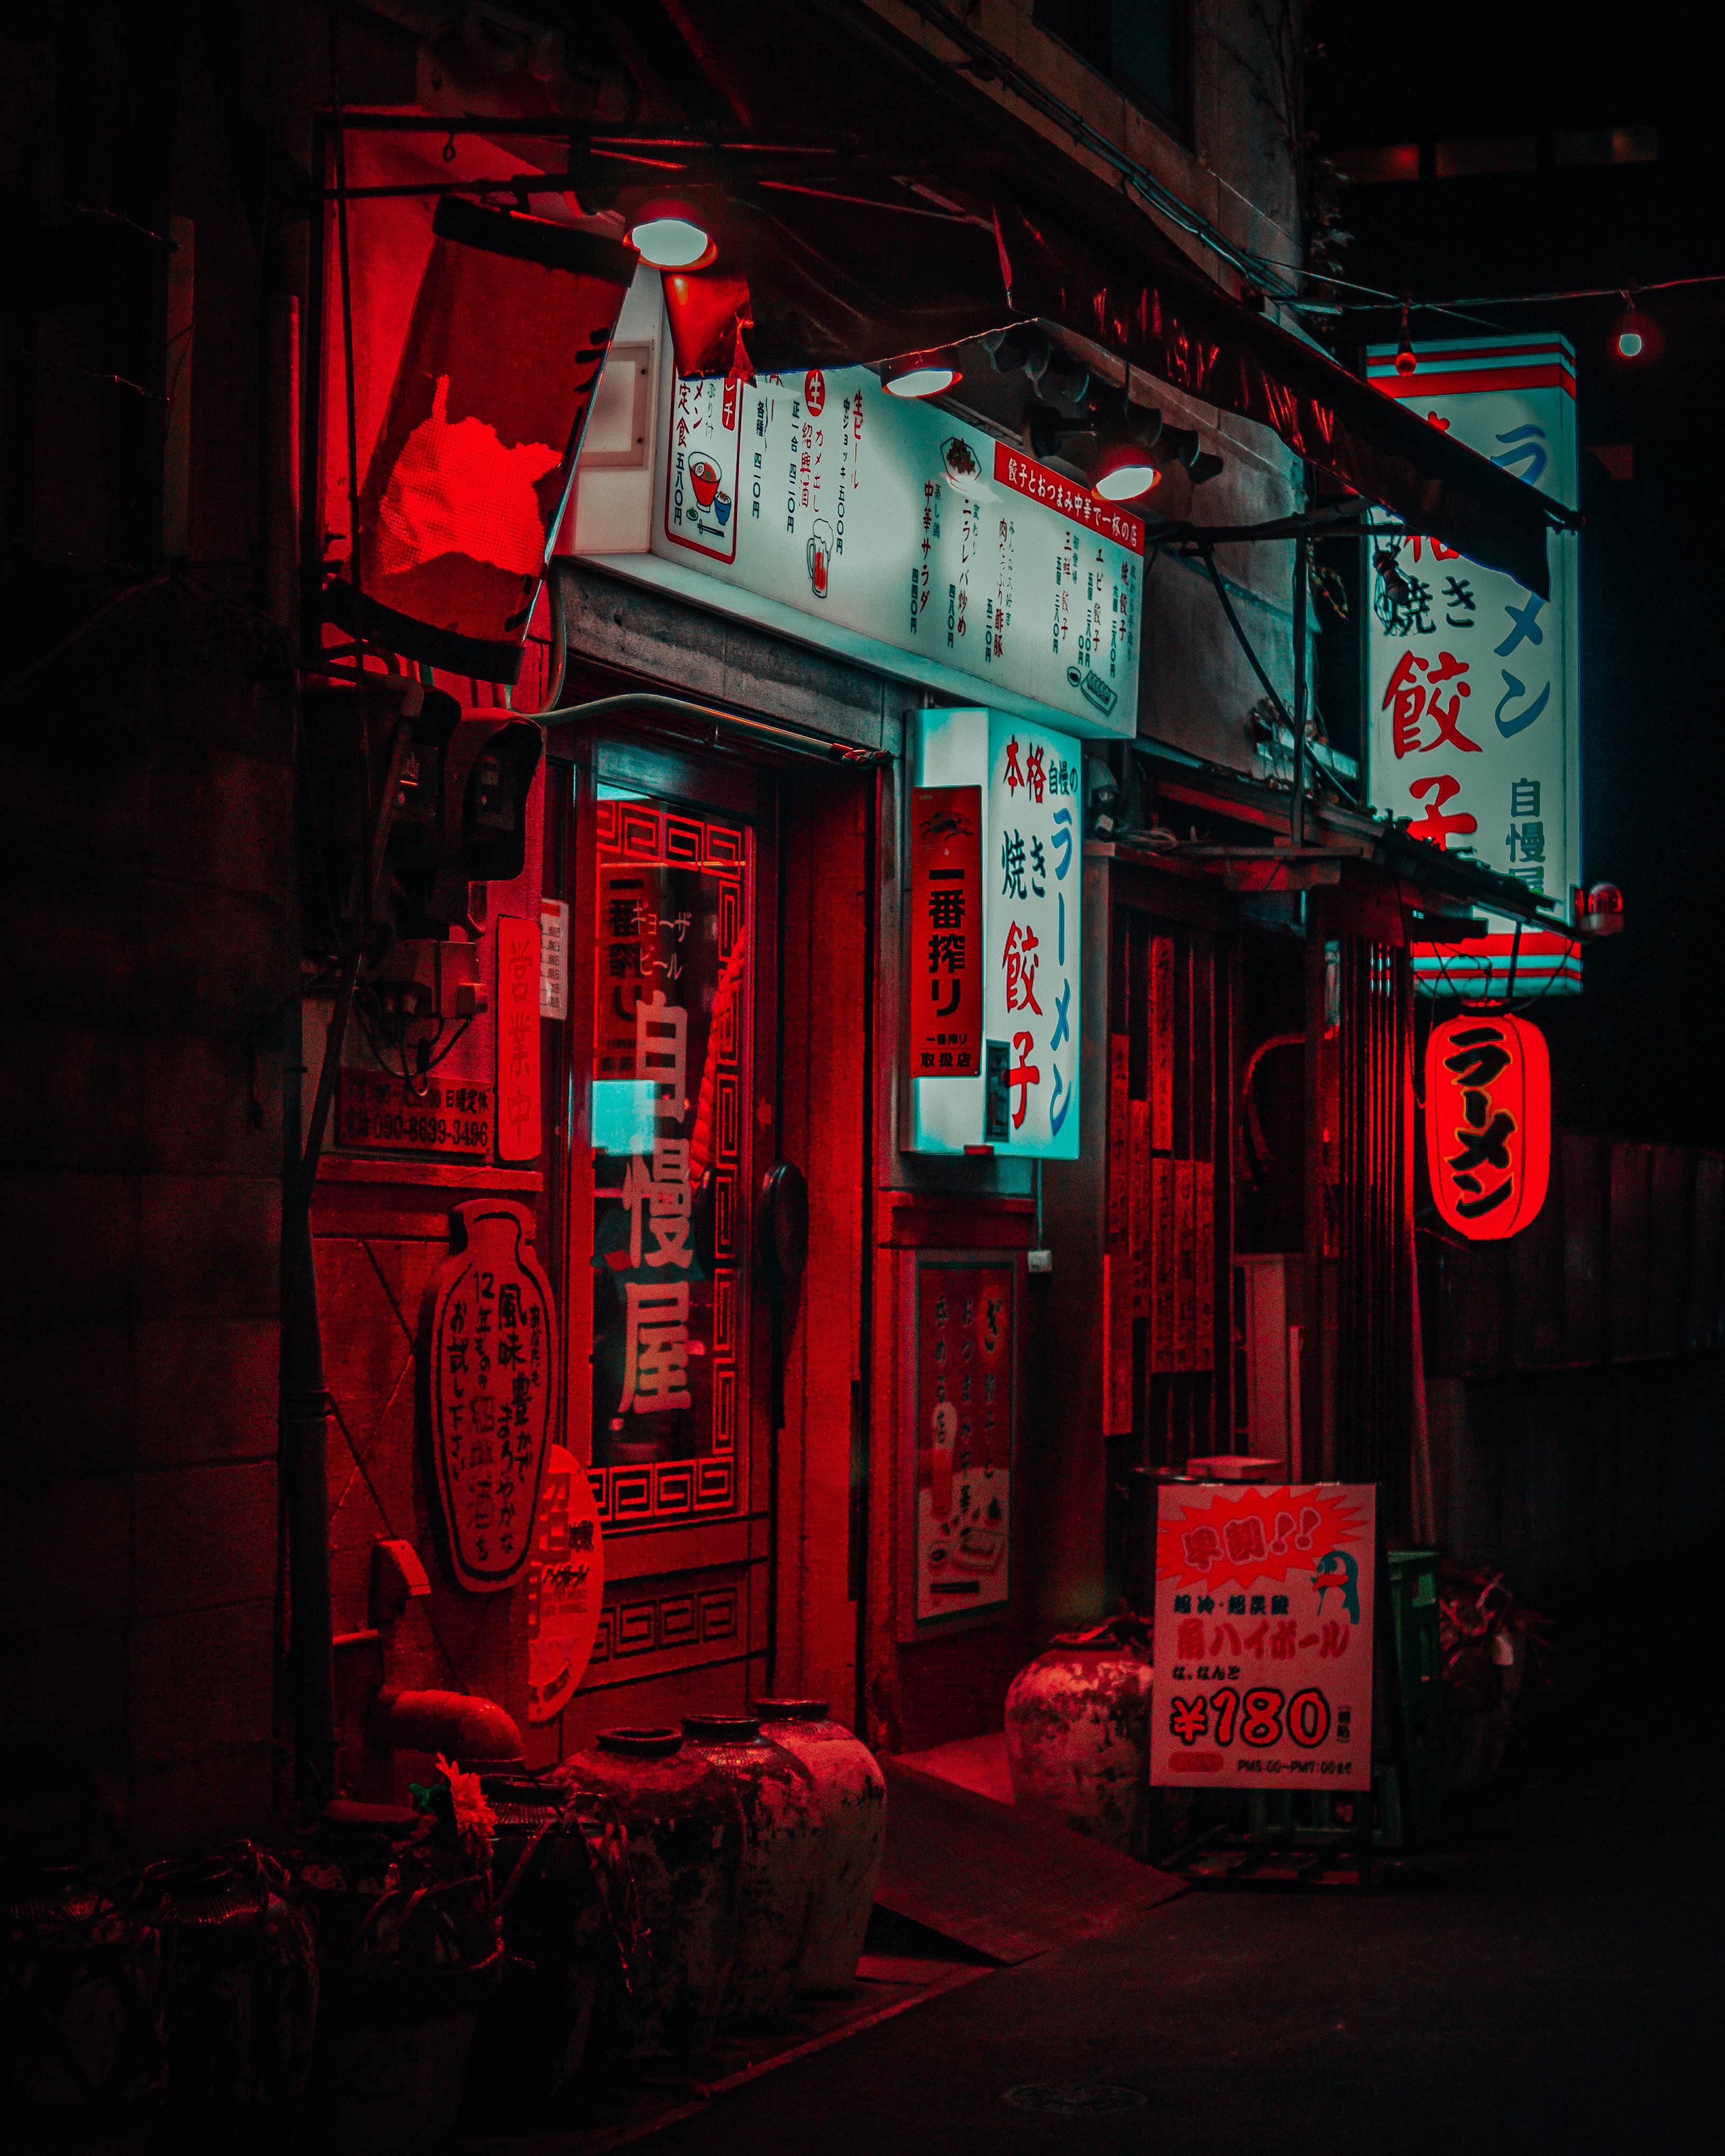 Ночные огни. - Изображение 12